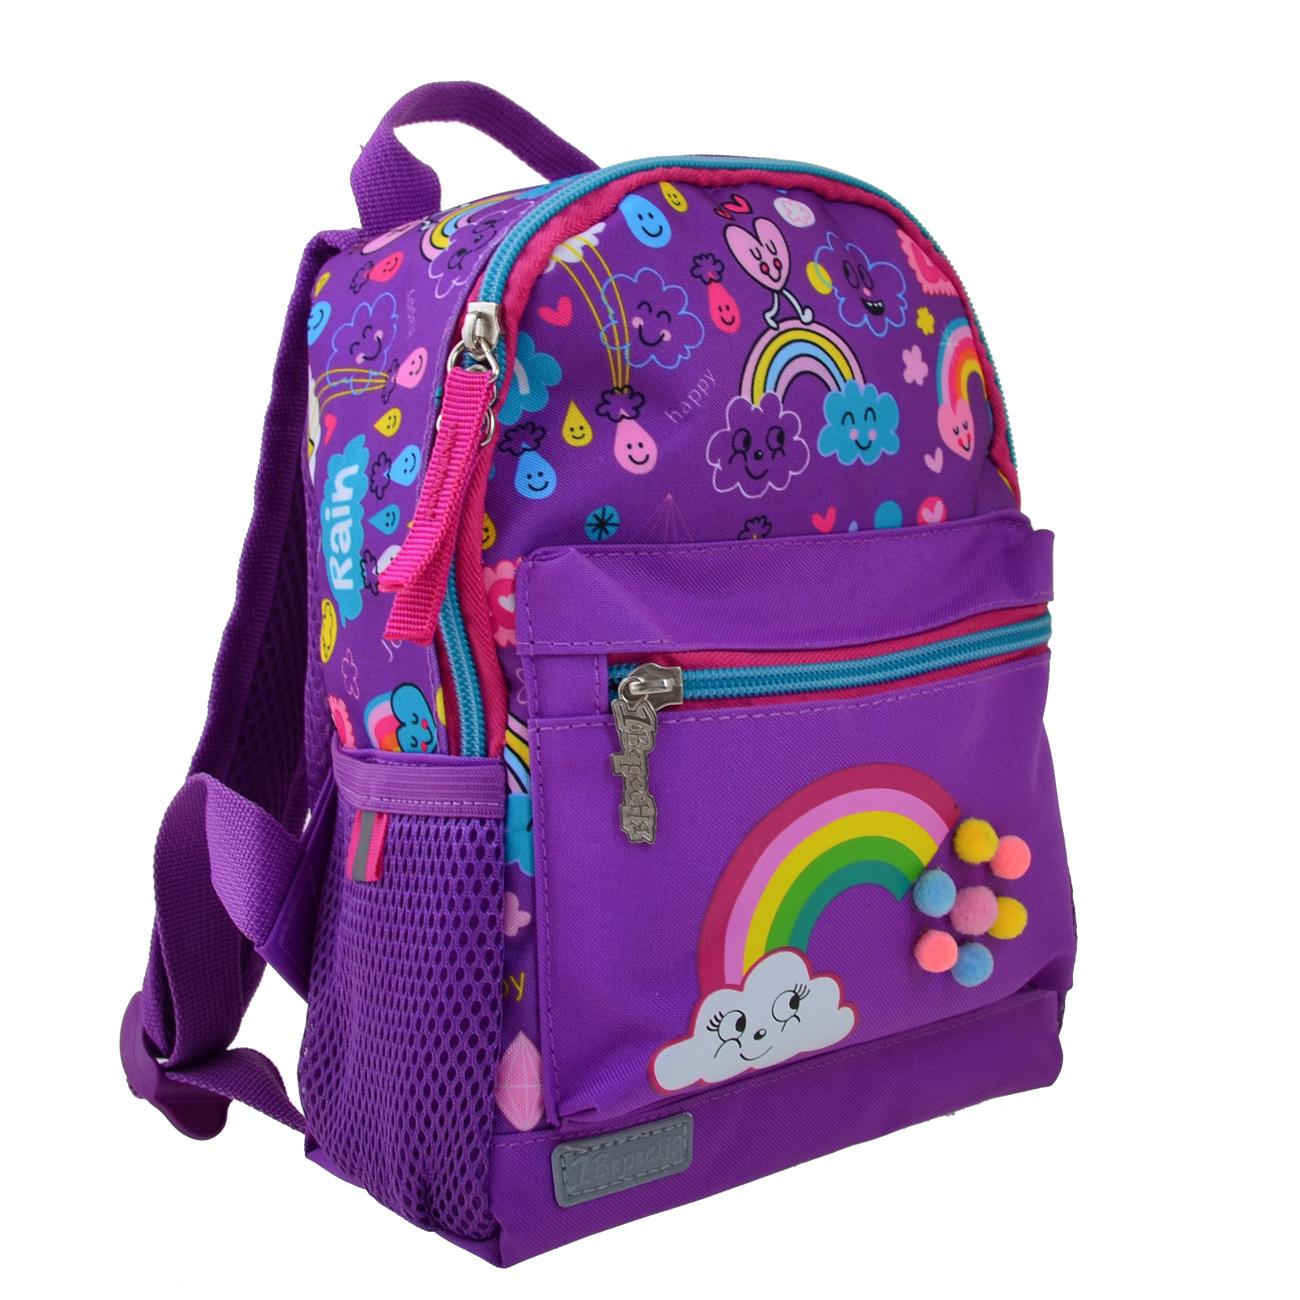 Рюкзак детский K-16 Rainbow, 22.5*18.5*9.5